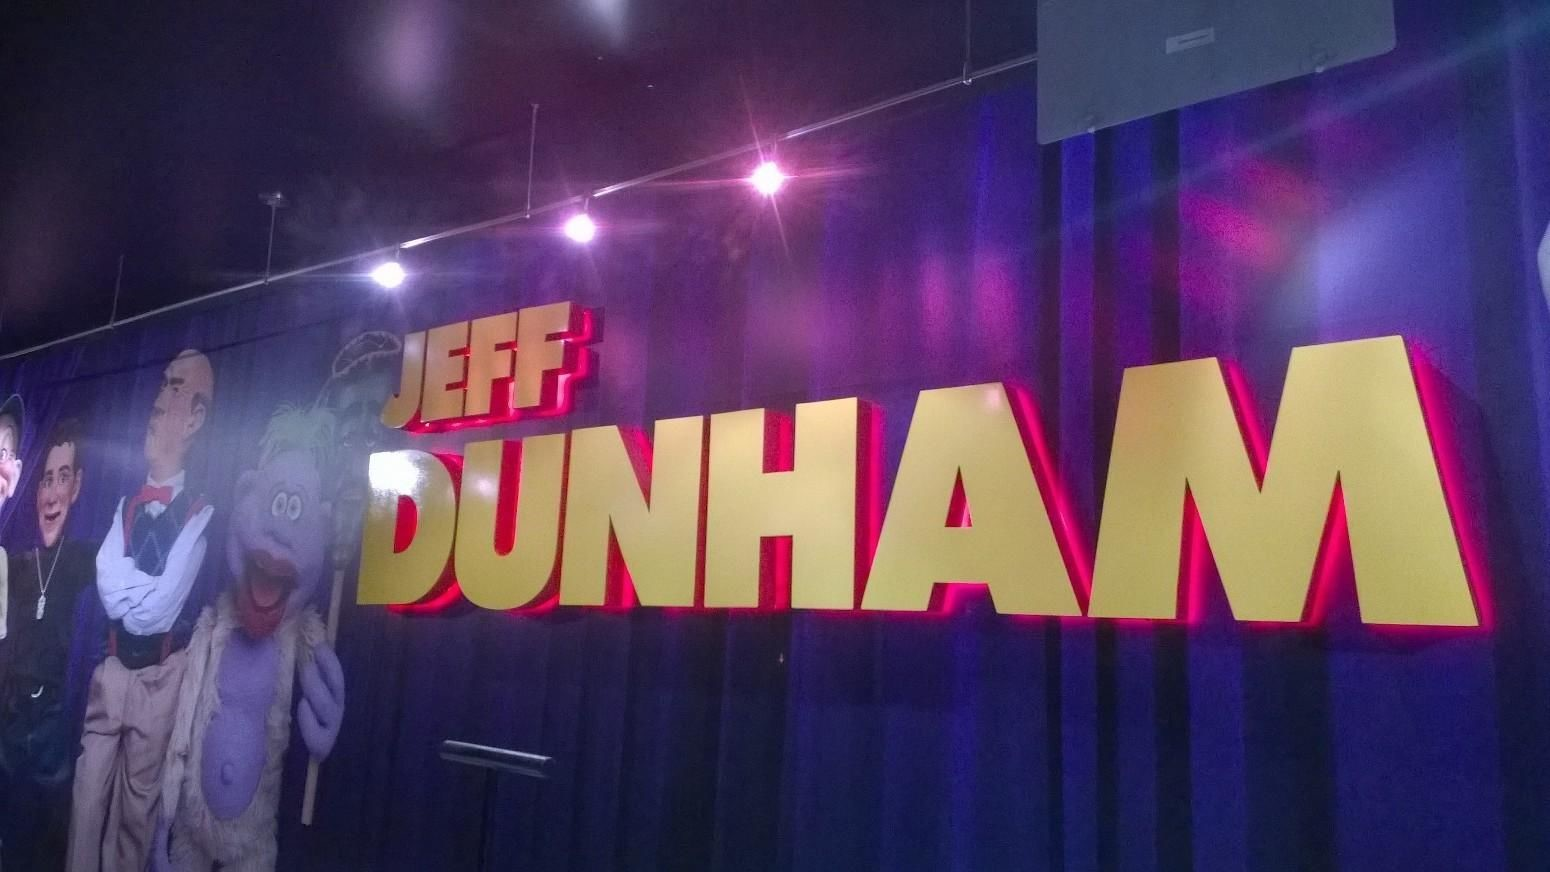 Channel Letters   Convention & Exhibit Signs   Bars, Entertainment Venues   Las Vegas